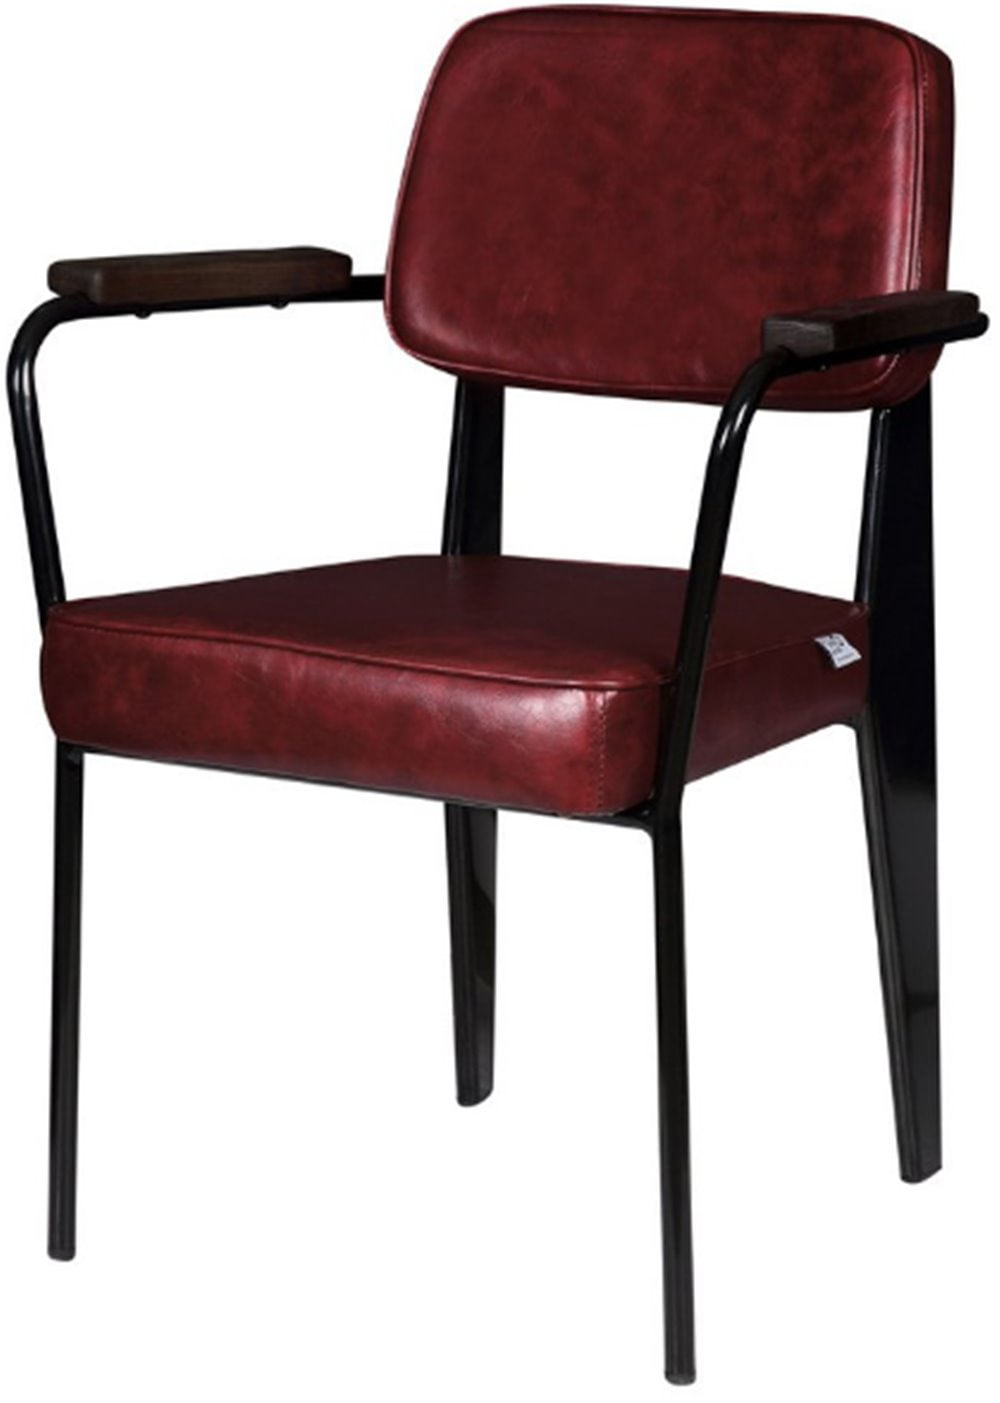 Cadeira Jean Provve Estofada c/ Braco Vermelha 81 cm (ALT) - 47261